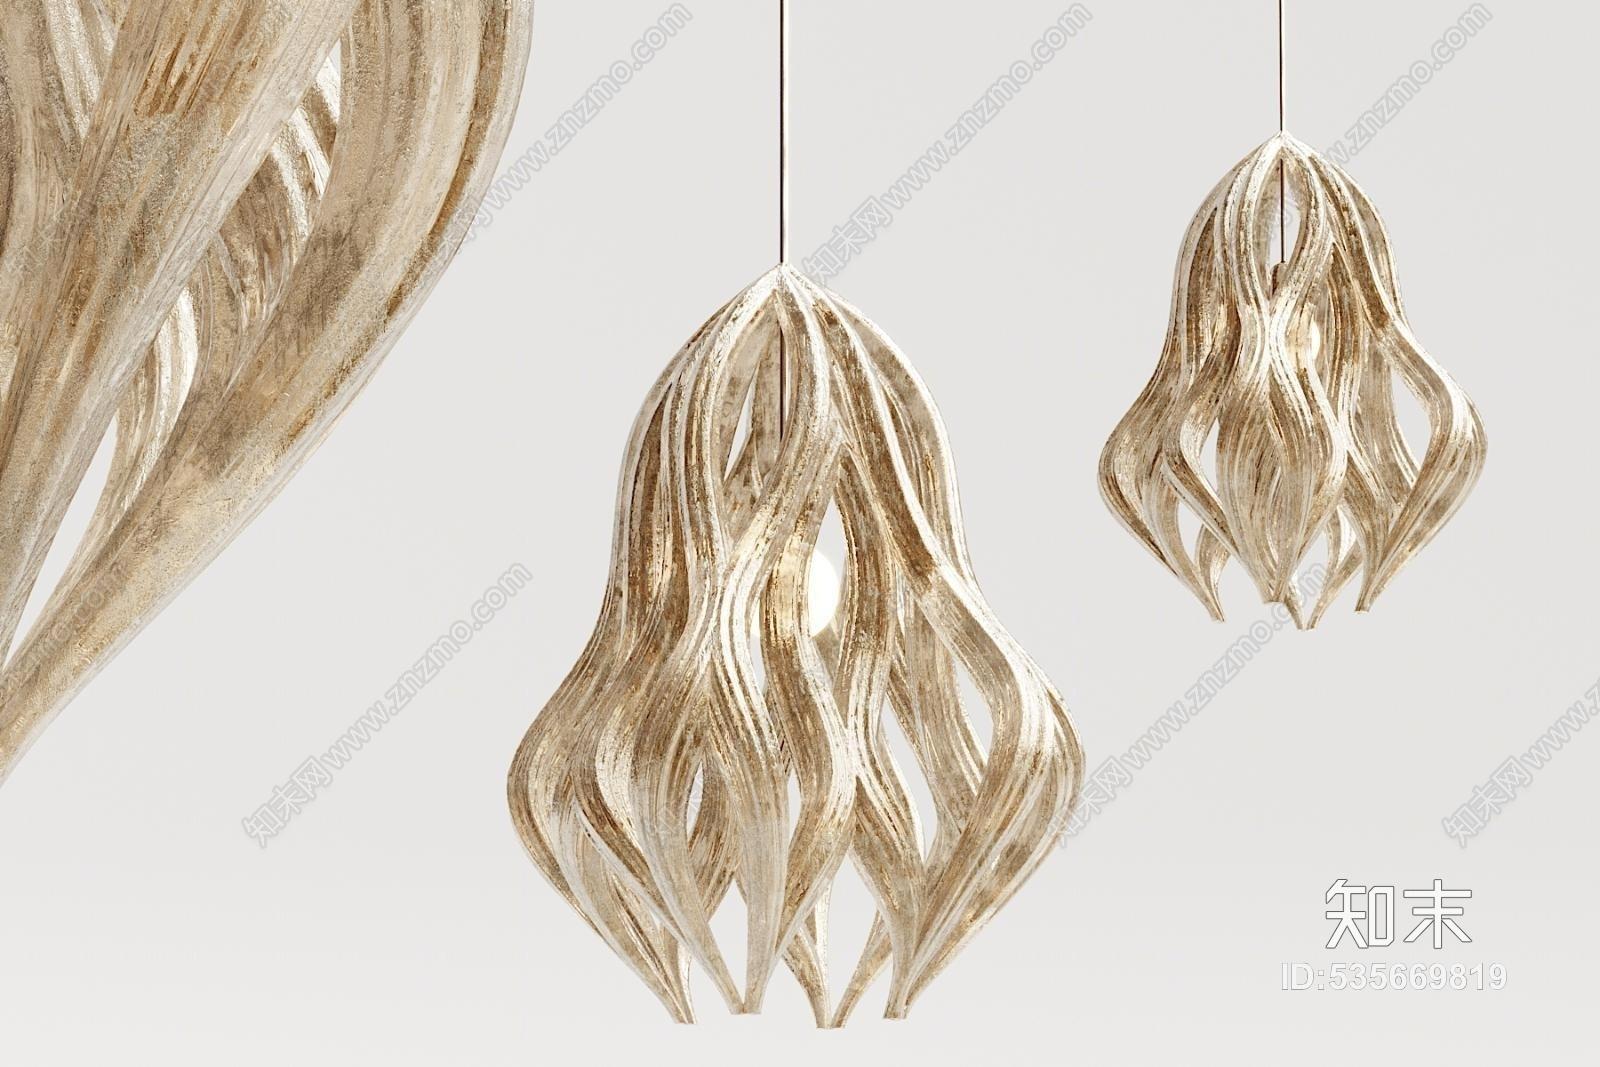 现代金属玻璃吊灯3D模型下载【ID:535669819】